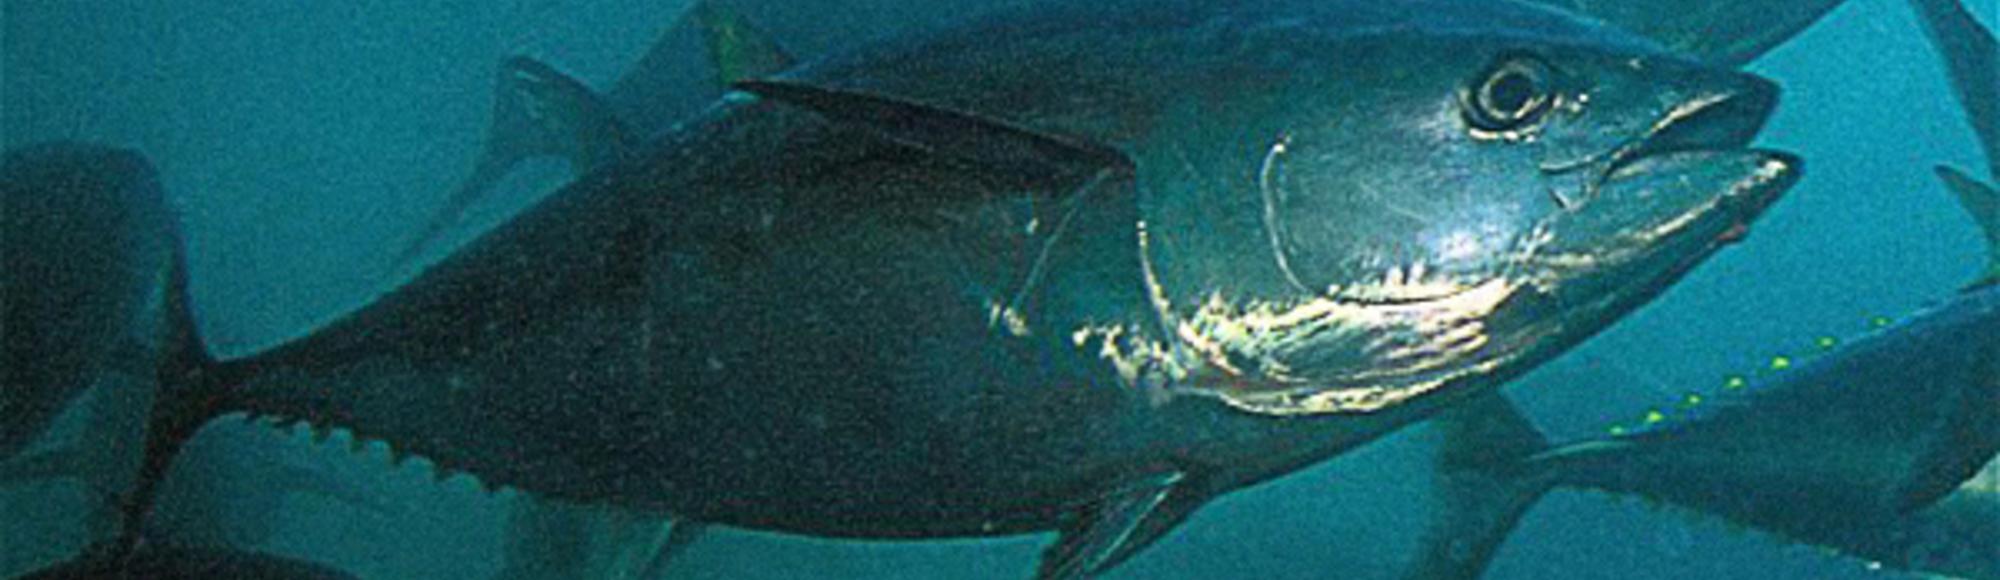 Eén giftige tonijn met extra radioactiviteit alstublieft